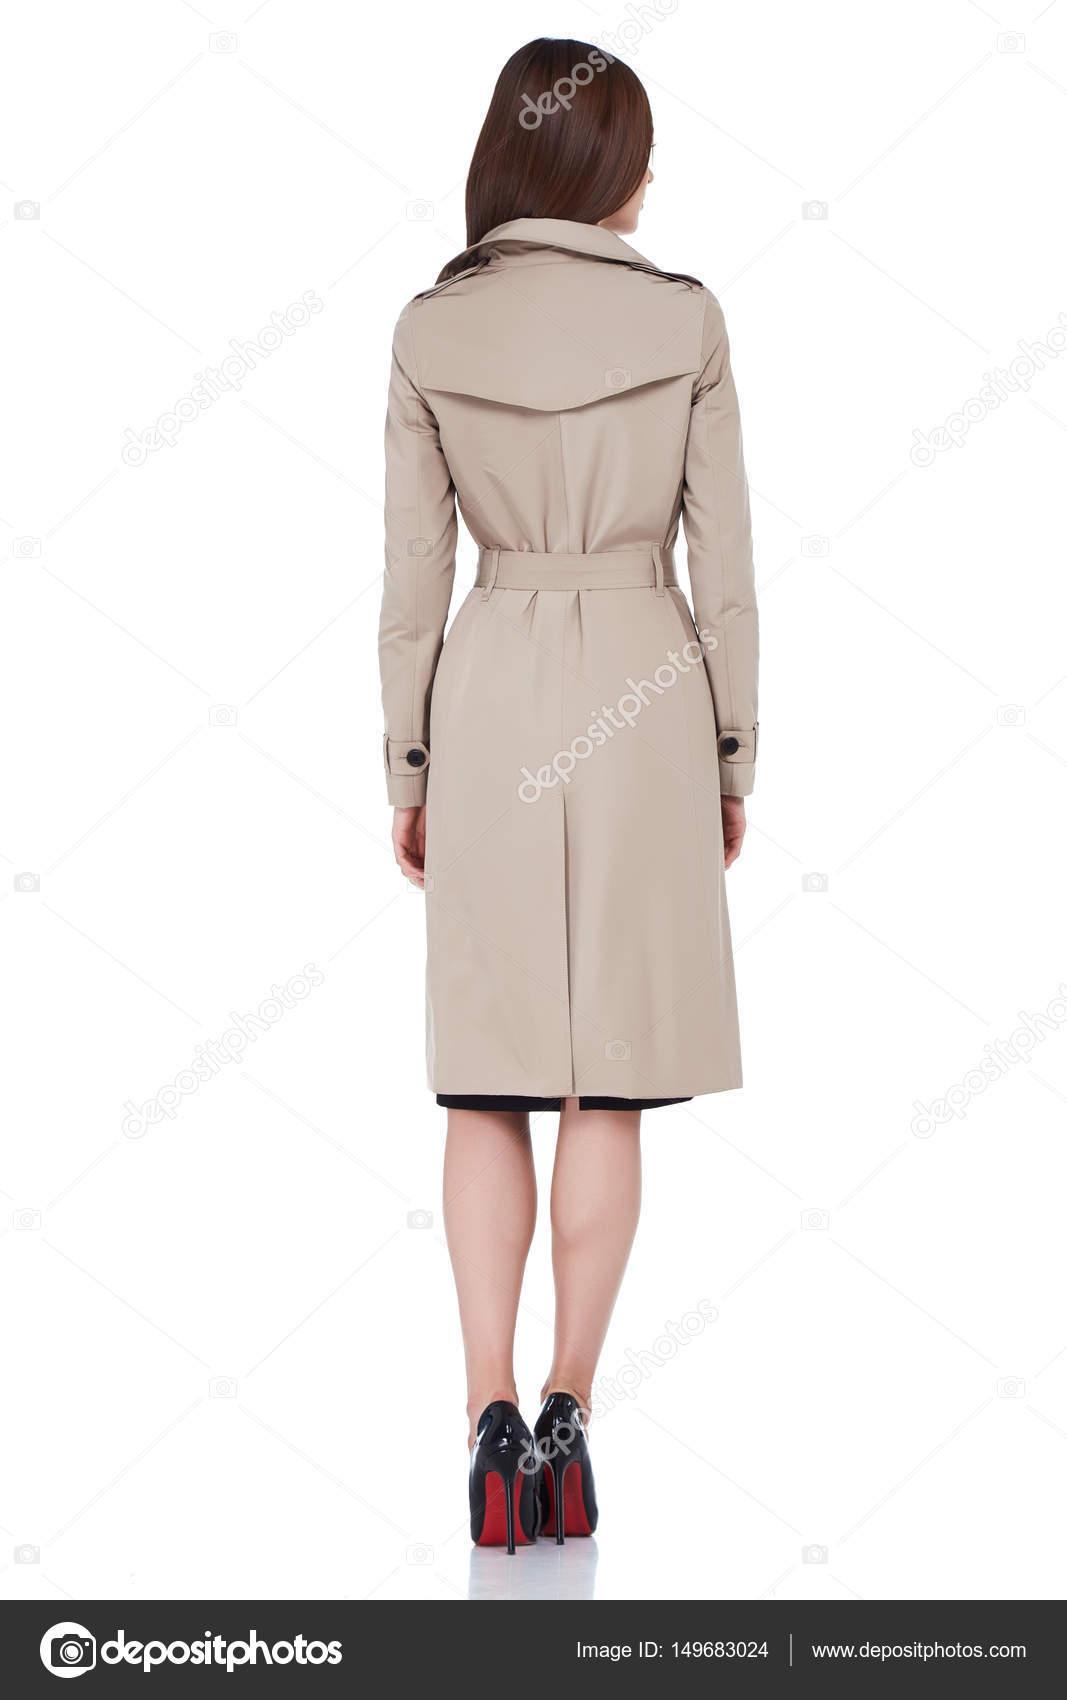 e6dfba000c31 Красивая сексуальная женщина мода одежда коллекции Каталог повседневный  стиль одежда хлопок шелковые траншею осенью бизнес леди белый фон брюнетка  волосы ...